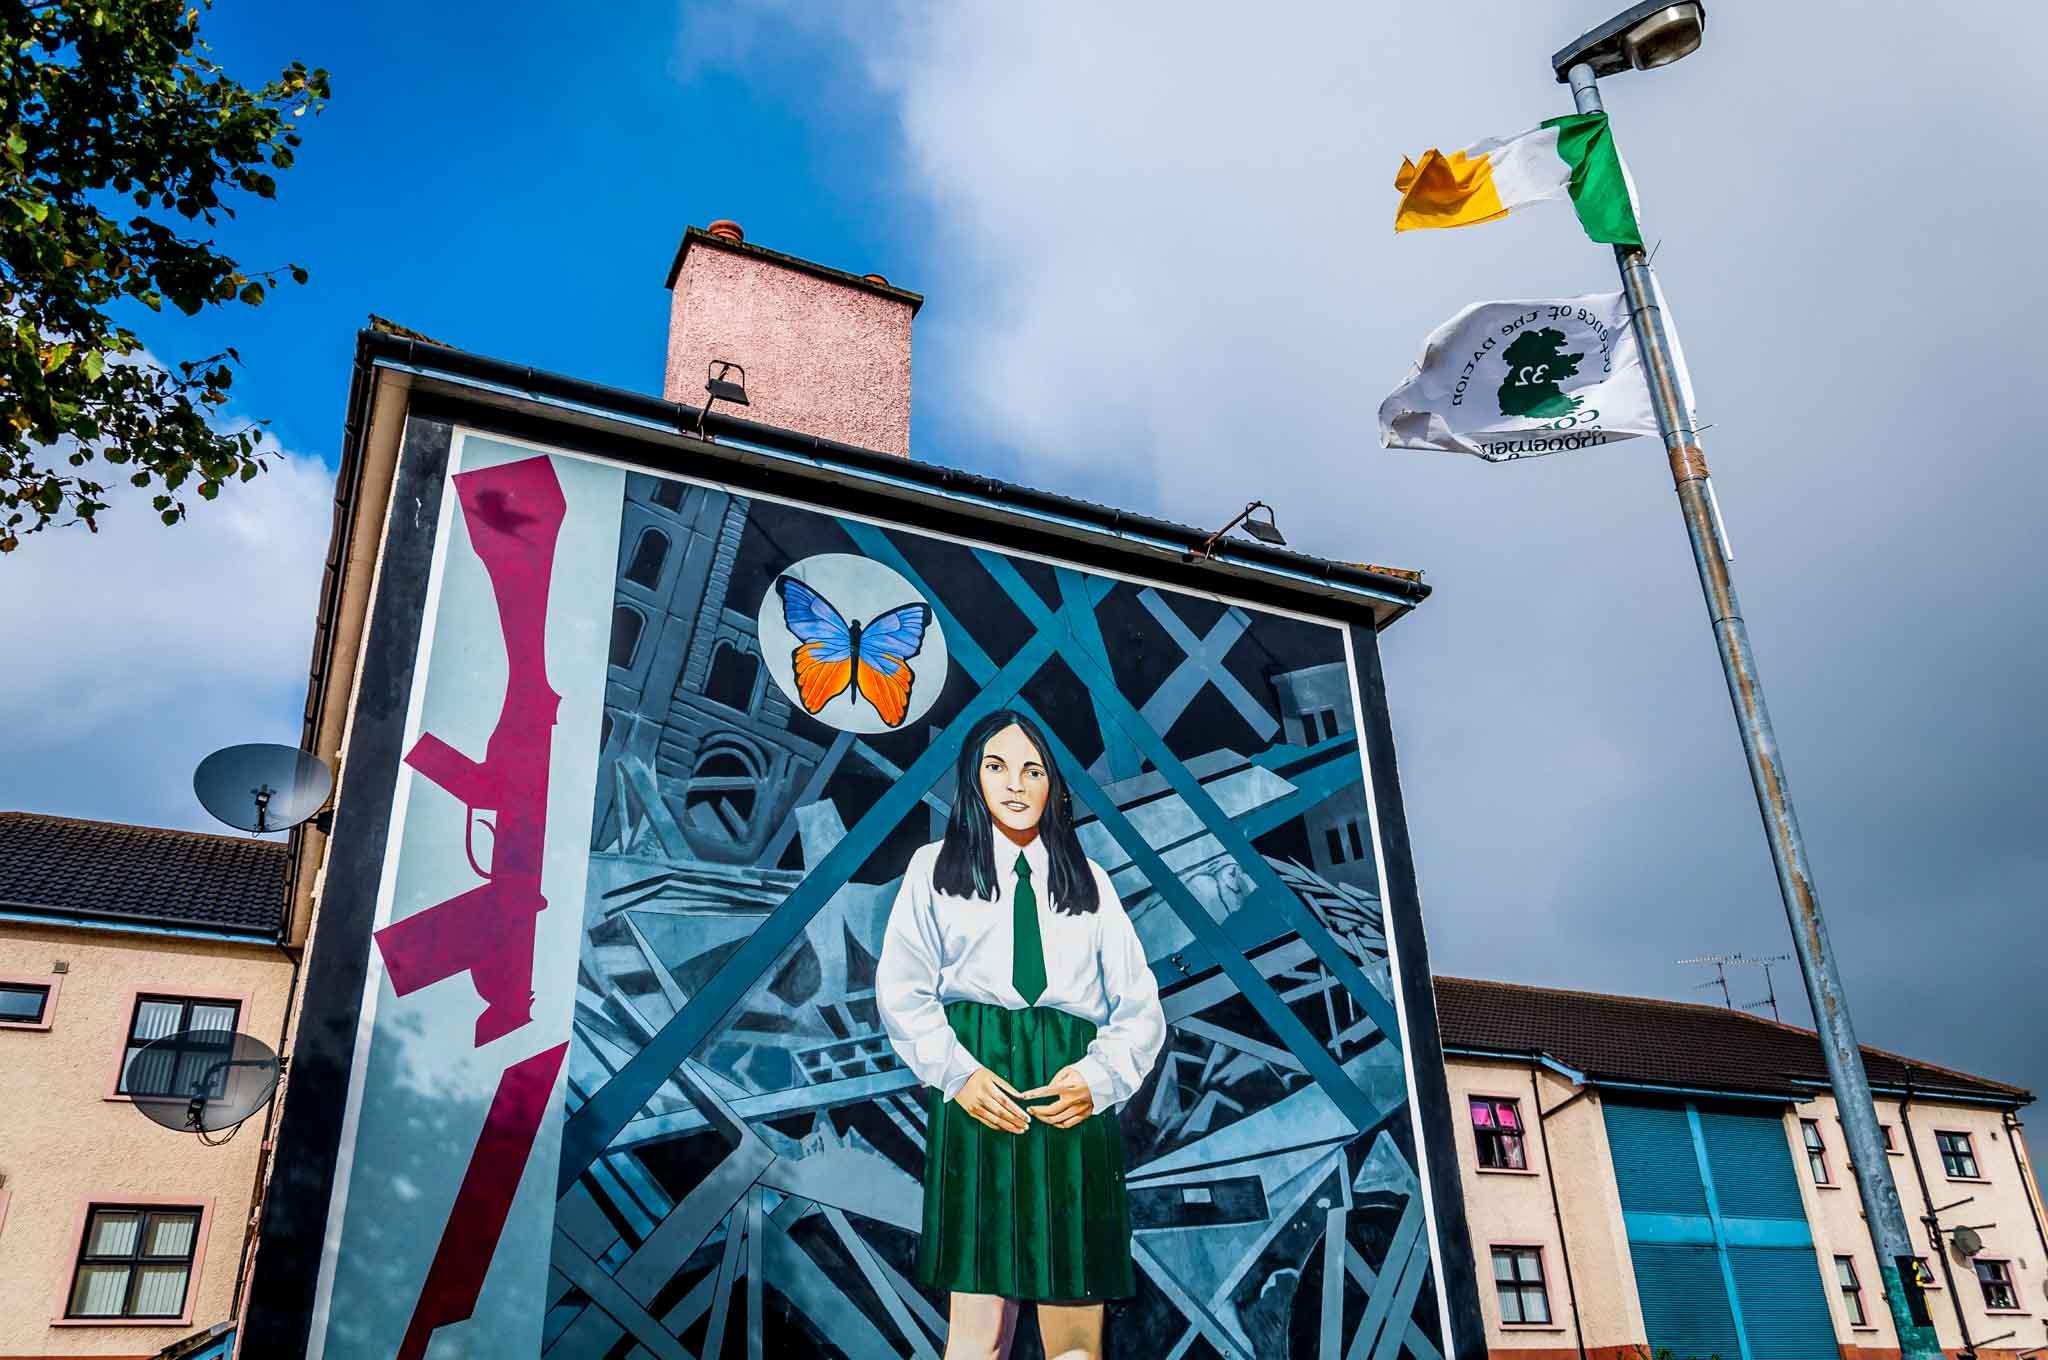 End of Innocence mural featuring girl in a school uniform alongside a broken rifle